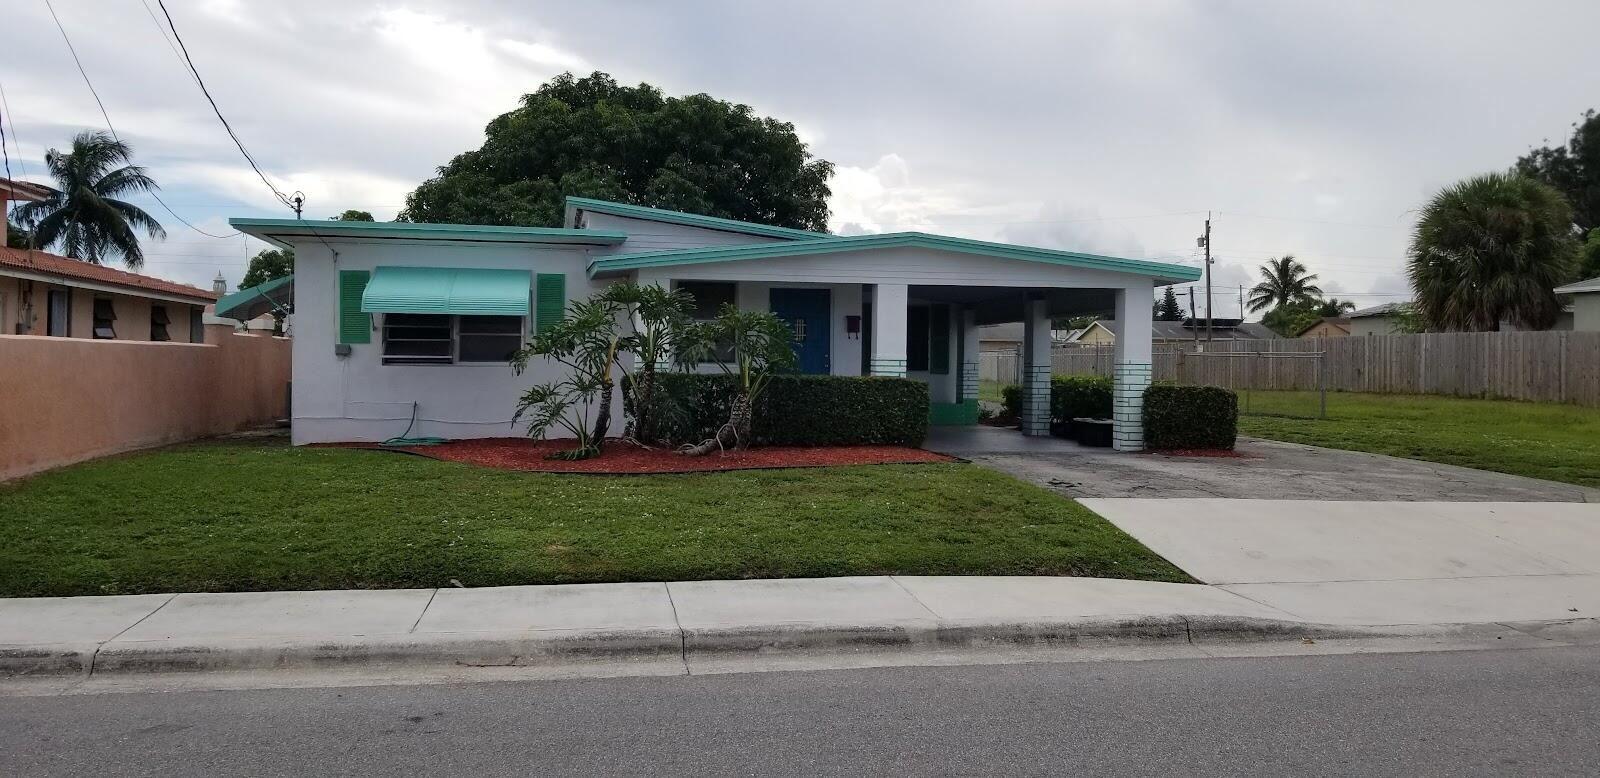 Photo of 1397 W 28th Street, Riviera Beach, FL 33404 (MLS # RX-10748449)